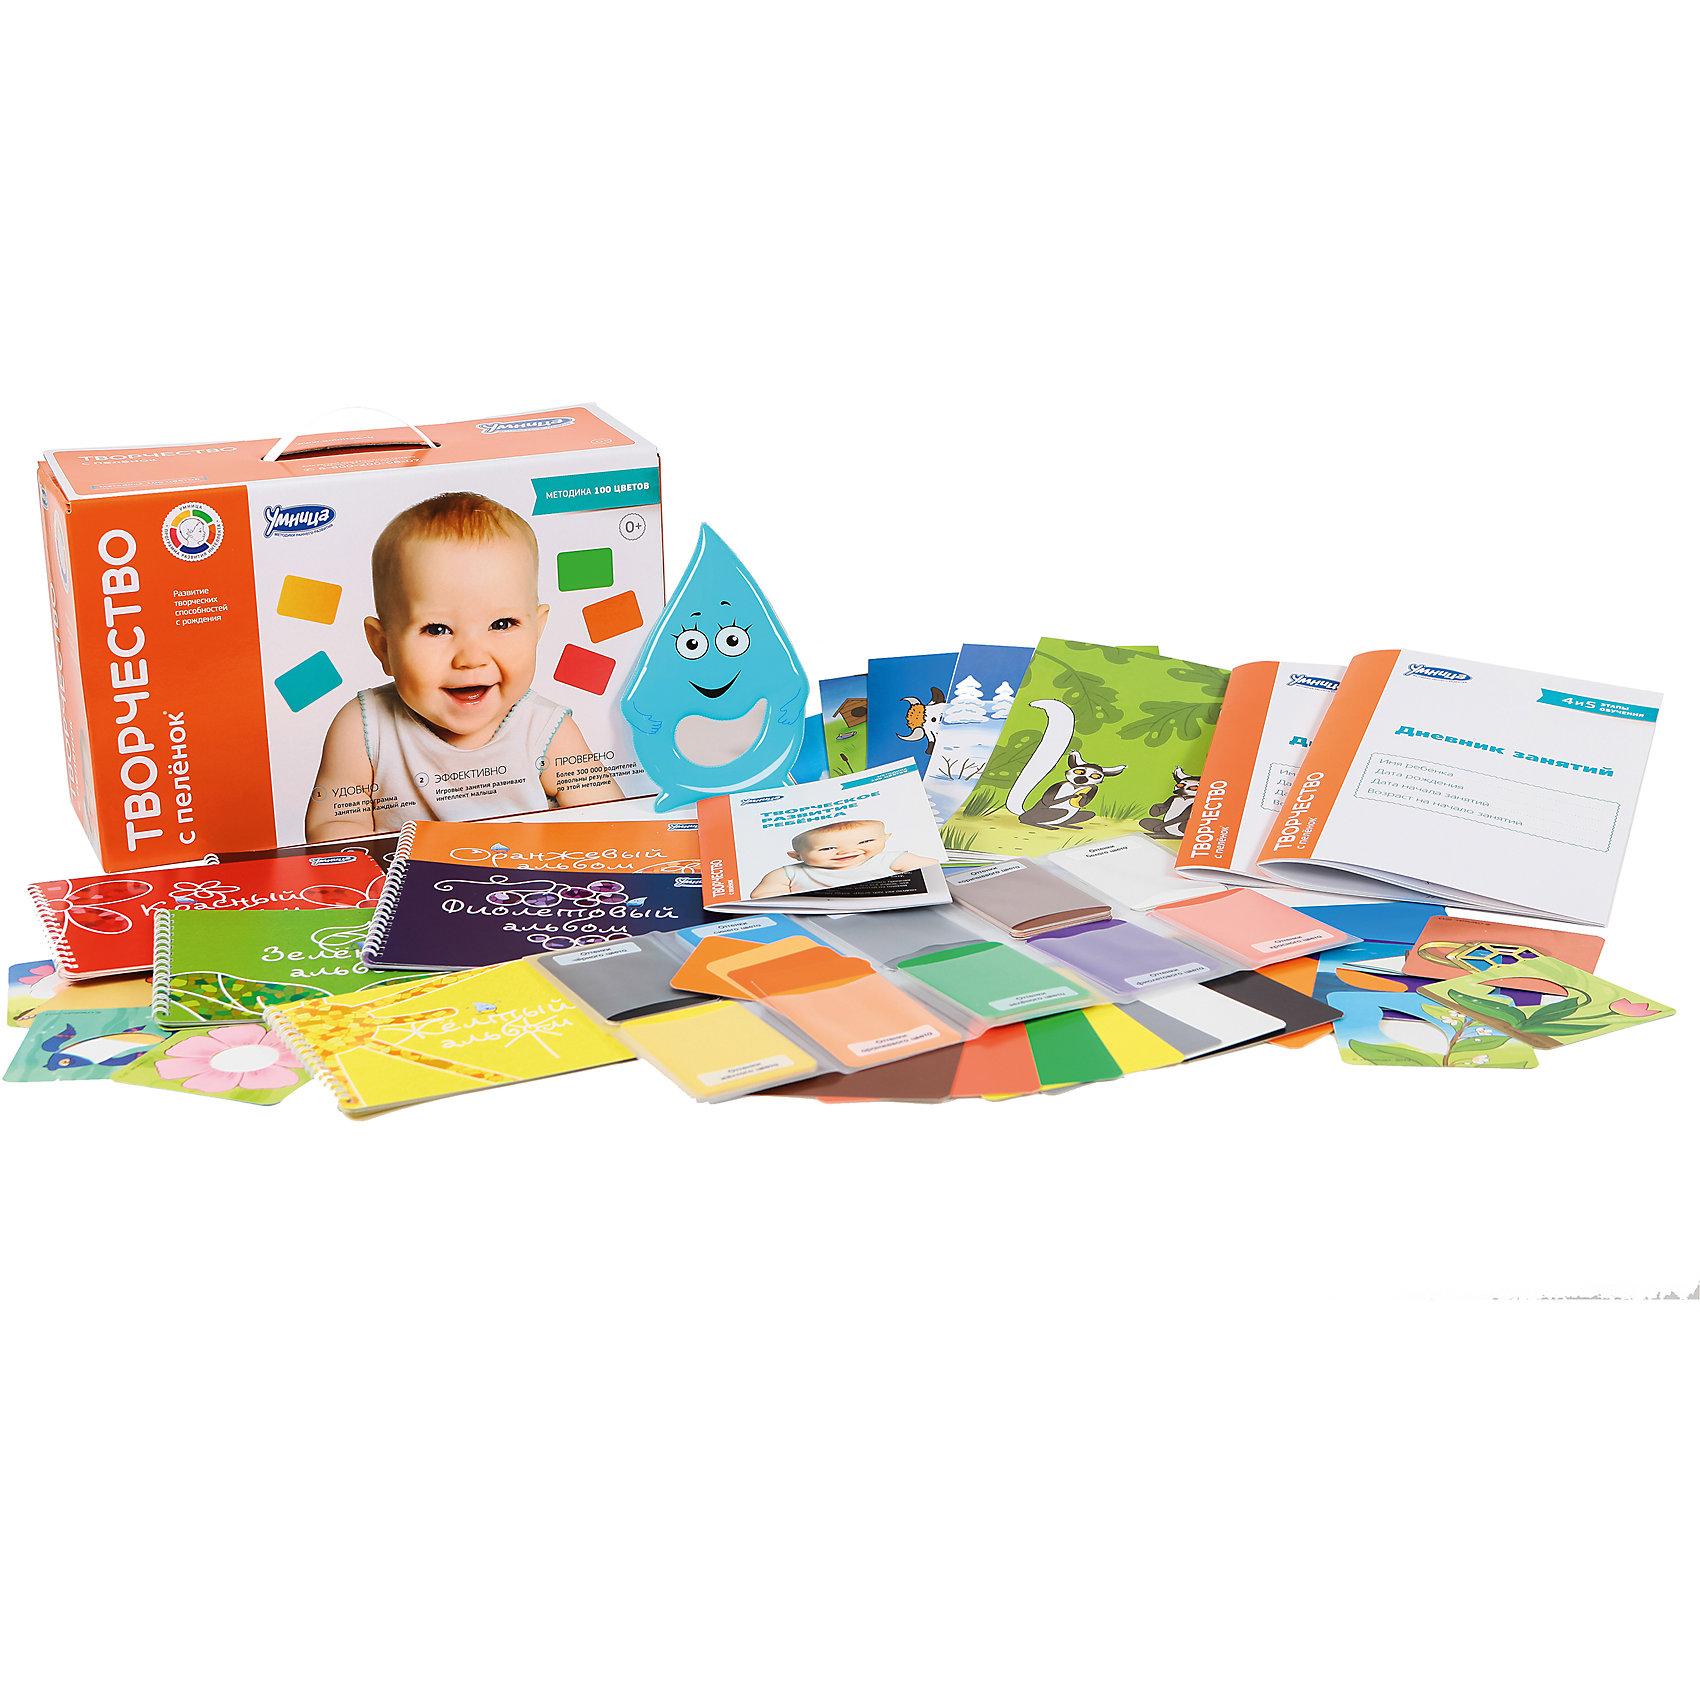 Развивающий комплект Творчество с пеленокРазвивающий комплект Творчество с пеленок - это готовая программа игровых занятий на каждый день.<br>«Творчество с пелёнок» – это готовая программа для развития творческих способностей детей. Она идеальна для занятий в домашних условиях, каждый ваш день с малышом будет наполнен яркими красками! Комплексный подход к творчеству — особенность программы. Вас с малышом ждут: знакомство со 100 цветами; изобразительное искусство; конструирование; развитие музыкального слуха и вкуса; литературное творчество. Творчество – это естественное состояние малыша, он открыт ко всему новому и готов создавать. 55 недель готовых тематических занятий. Все занятия короткие и интересные, их легко проводить. Ведь в комплекте есть и подробные сценарии, и все материалы для ваших игр с малышом. «Творчество с пелёнок» подстраивается под возраст ребёнка, предлагая всё новые игры и оставаясь таким же интересным, как и в первый день знакомства!<br><br>Дополнительная информация:<br><br>- В комплекте: Книга «Творческое развитие ребёнка», Дневники занятий, 10 больших карточек с основными цветами (10,5х15 см), 100 карточек с цветами и оттенками (7х10 см), 9 цветных альбомов (по количеству цветовых групп), 9 арт-конструкторов и 16 трафаретов (простые и сложные), 20 арт-листов для совместного творчества, Игрушка – Волшебная Капелька, Музыка для занятий (скачать музыку вы сможете по ссылке, указанной на комплекте)<br>- Размер упаковки: 38,5 х 14,5 х 24 см.<br>- Вес: 2250 гр.<br><br>Развивающий комплект Творчество с пеленок можно купить в нашем интернет-магазине.<br><br>Ширина мм: 385<br>Глубина мм: 145<br>Высота мм: 240<br>Вес г: 2250<br>Возраст от месяцев: 0<br>Возраст до месяцев: 36<br>Пол: Унисекс<br>Возраст: Детский<br>SKU: 4200792